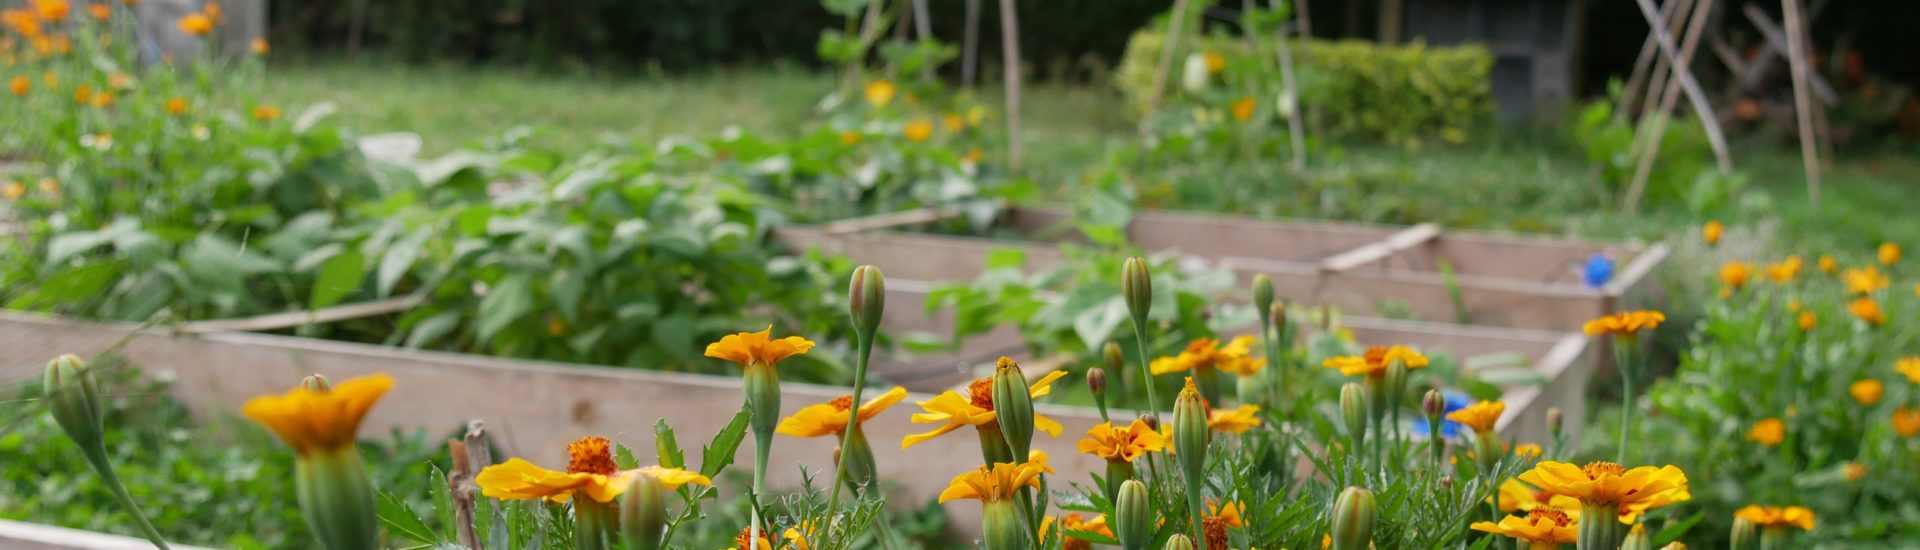 jardin permaculture premier pas bio